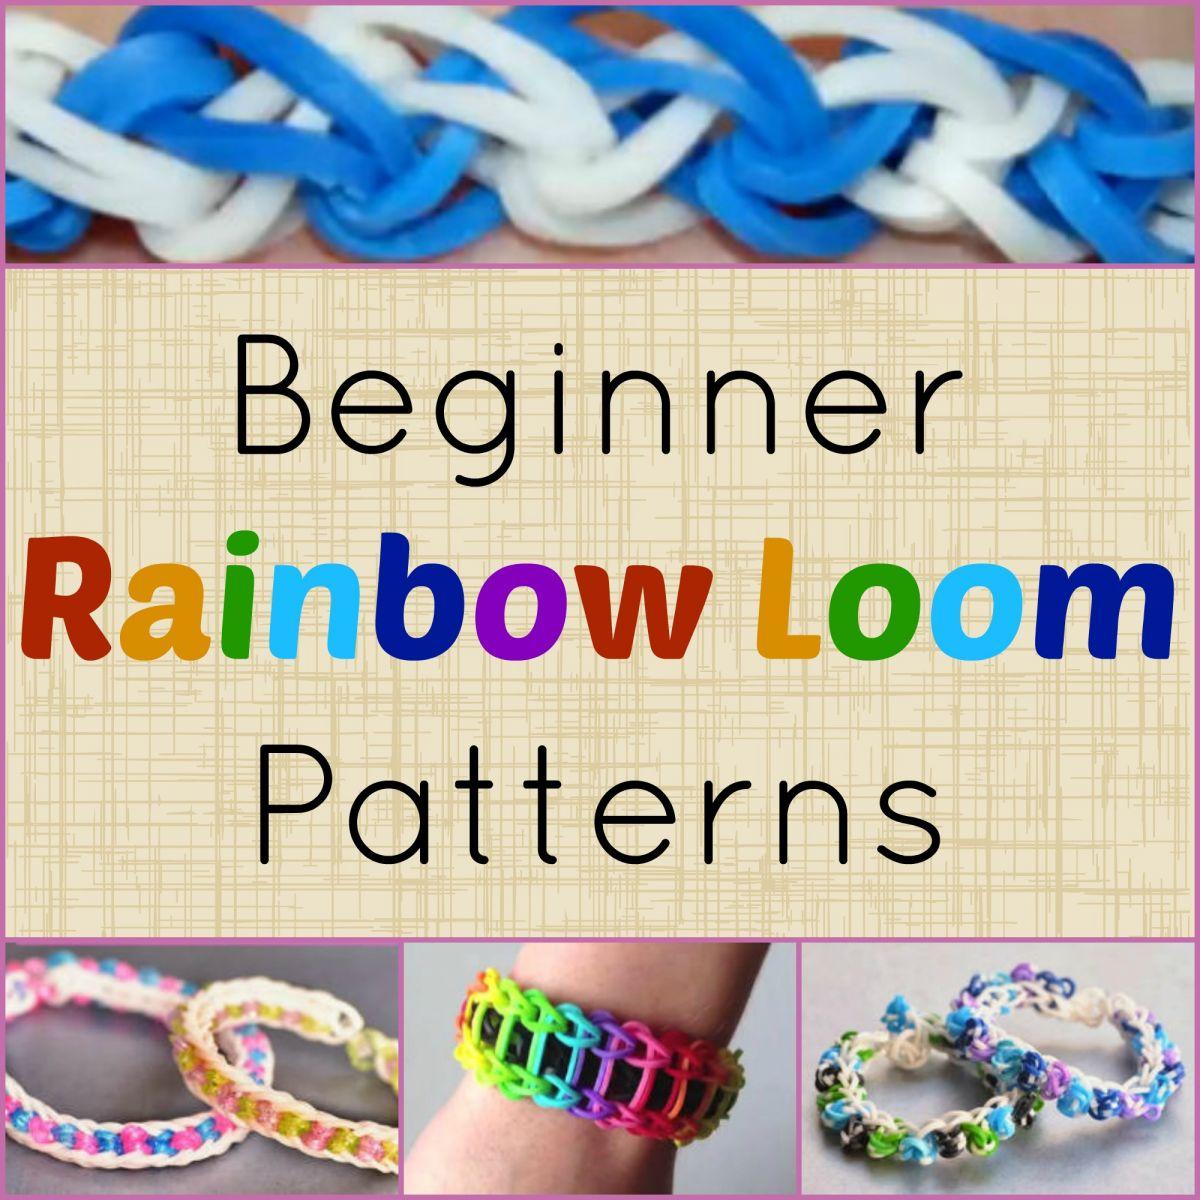 10 Beginner Rainbow Loom Patterns + Video Tutorials - Free Printable Loom Bracelet Patterns